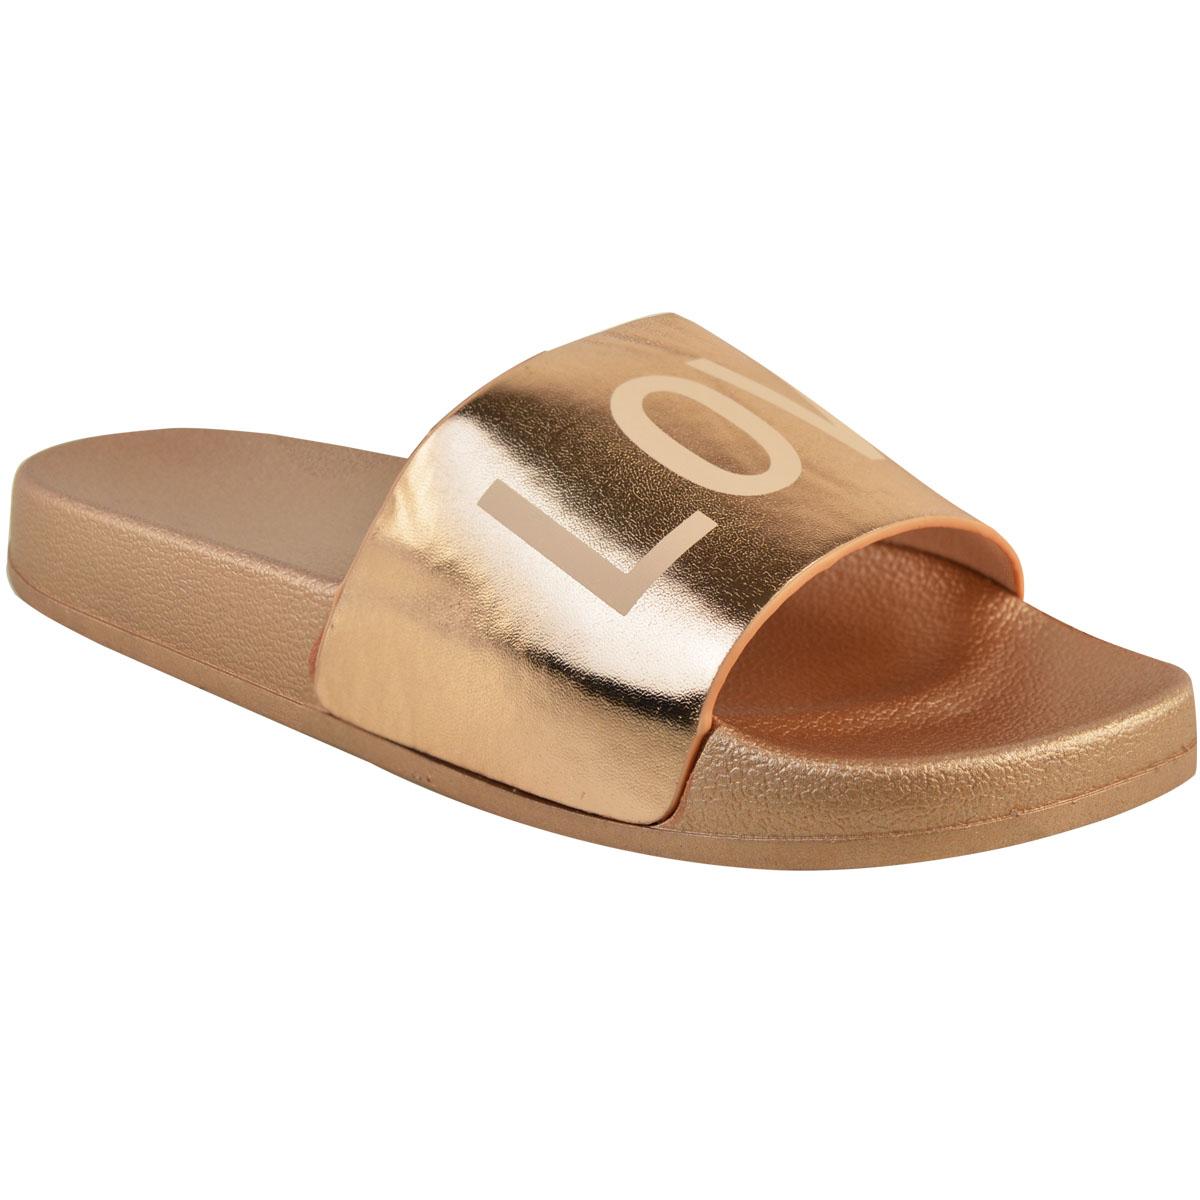 Flats Shoes Sliders